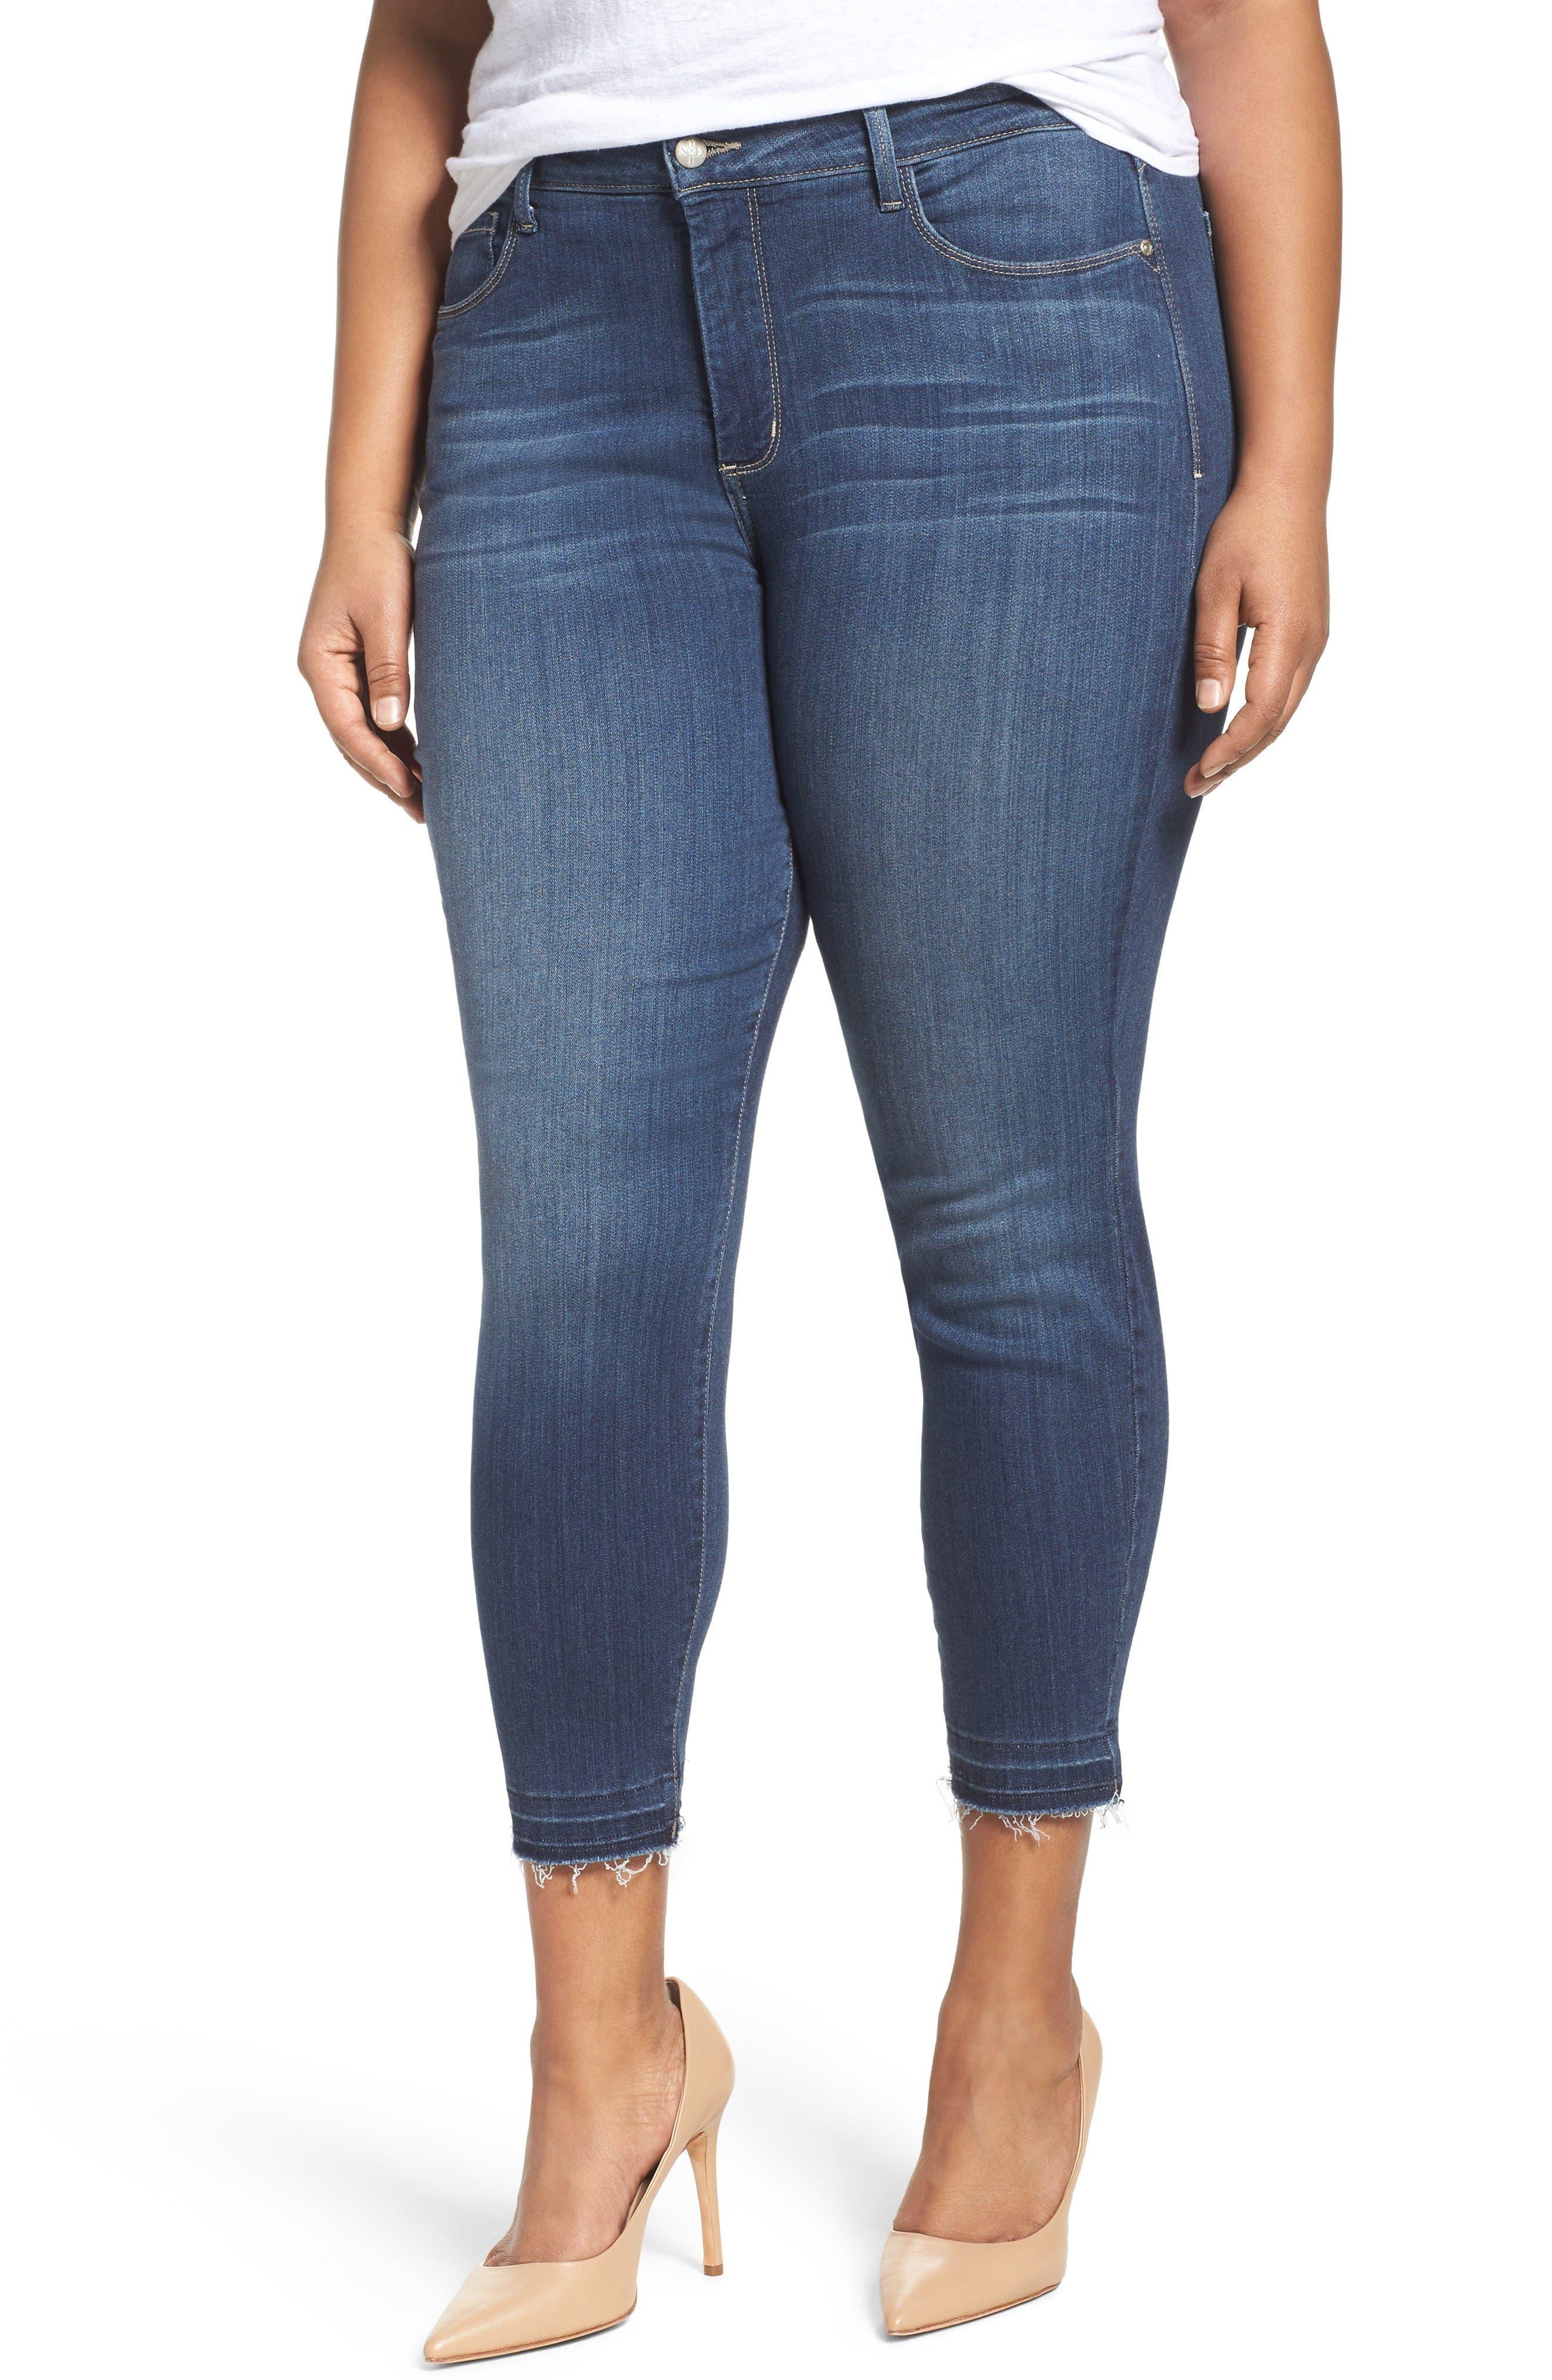 Main Image - NYDJ Ami Release Hem Stretch Skinny Jeans (Plus Size)